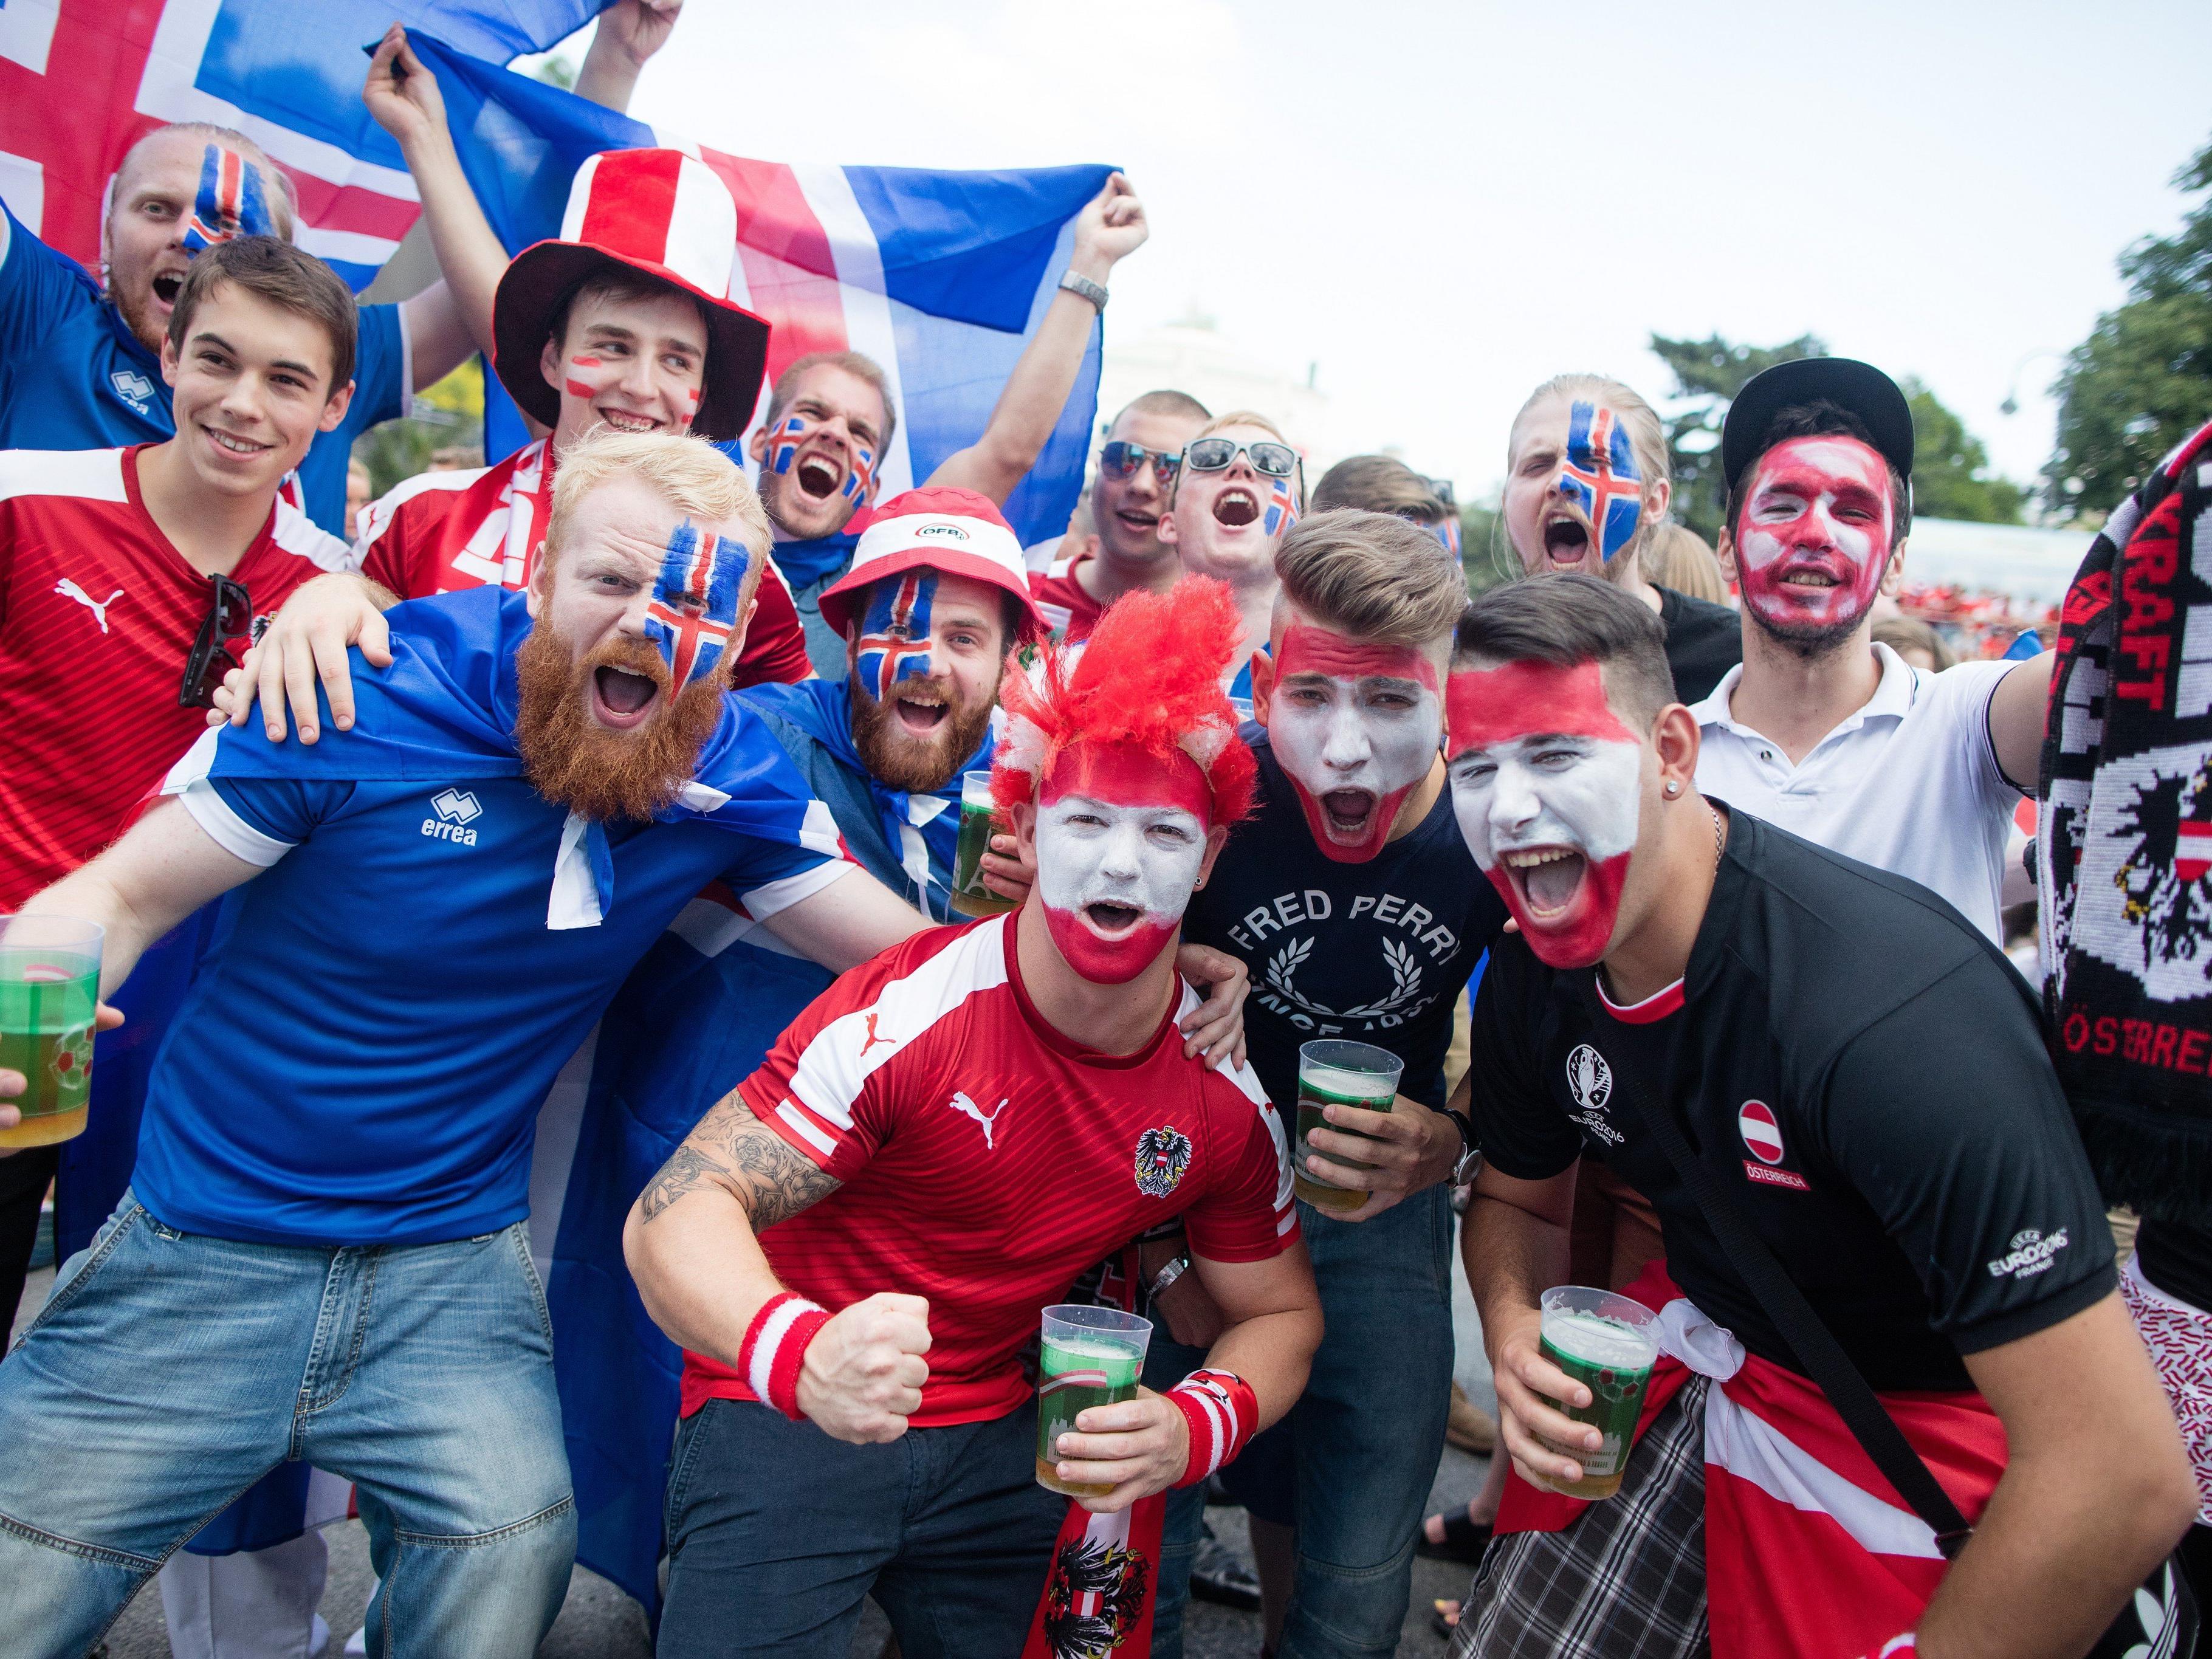 Wir zeigen euch die ausgeflipptesten Fans der Euro 2016.